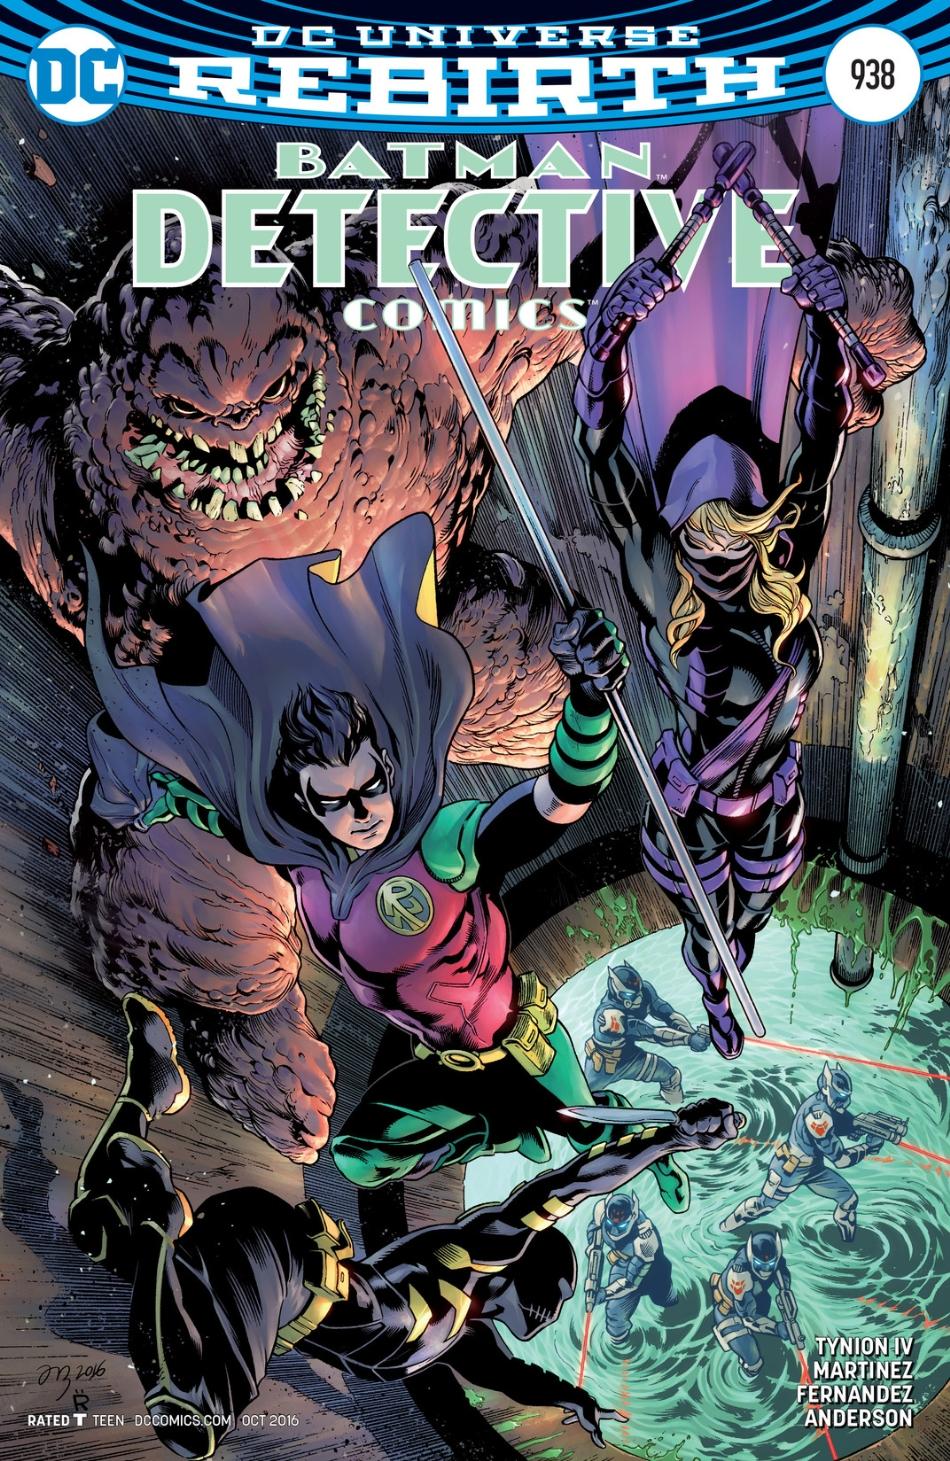 Detective Comics Vol 1 938